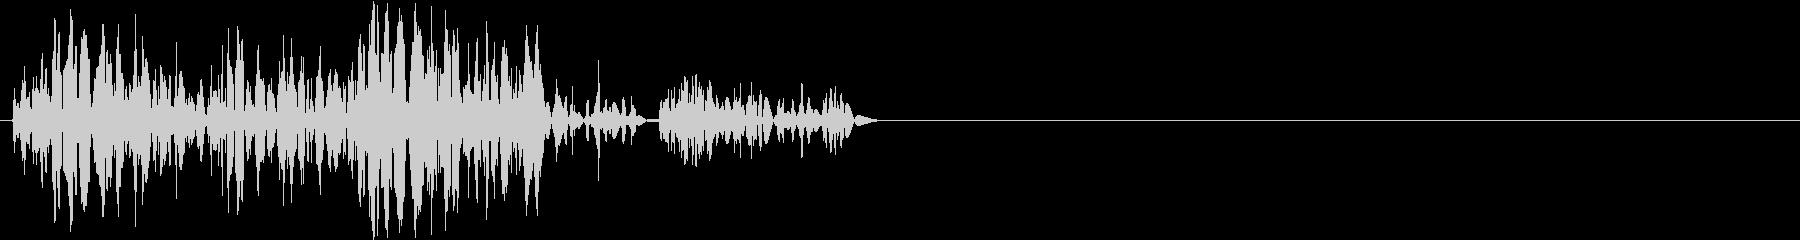 【ガスッ!】ファミコン系 破壊音_01の未再生の波形